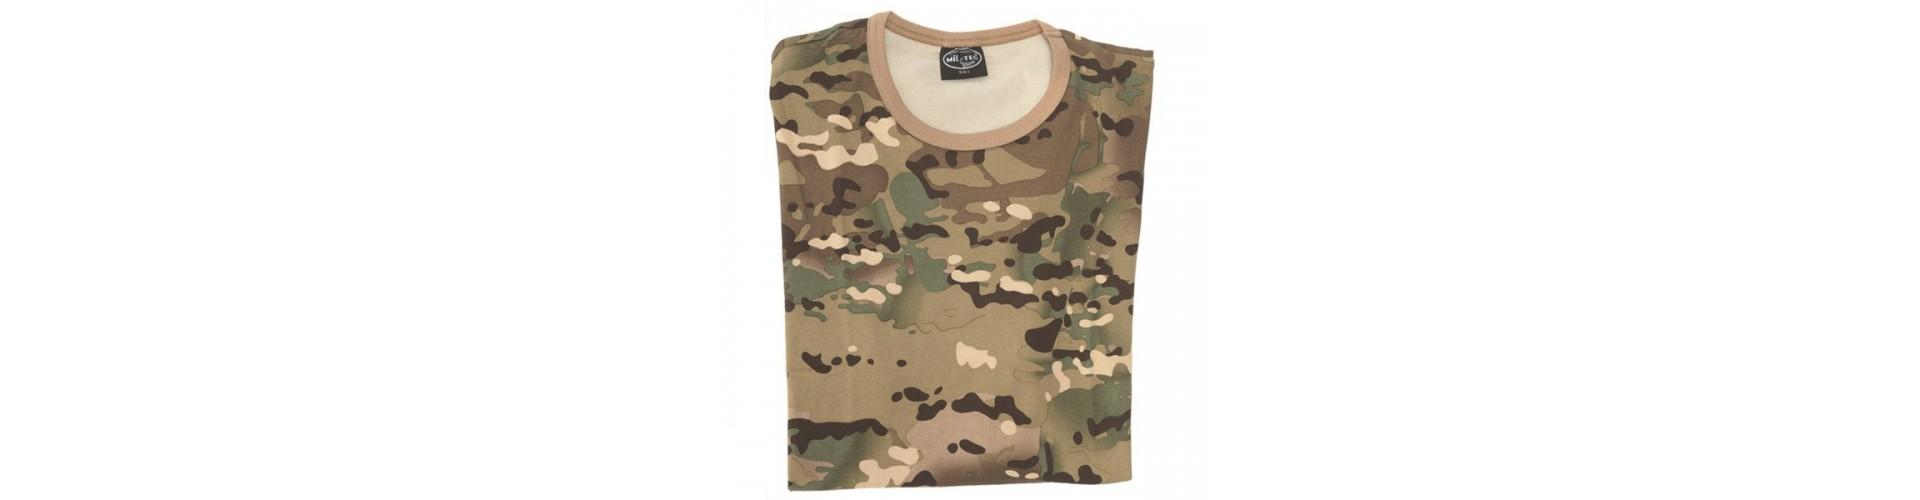 Camouflage -shirt - Køb jagt T-shirts med camouflage online